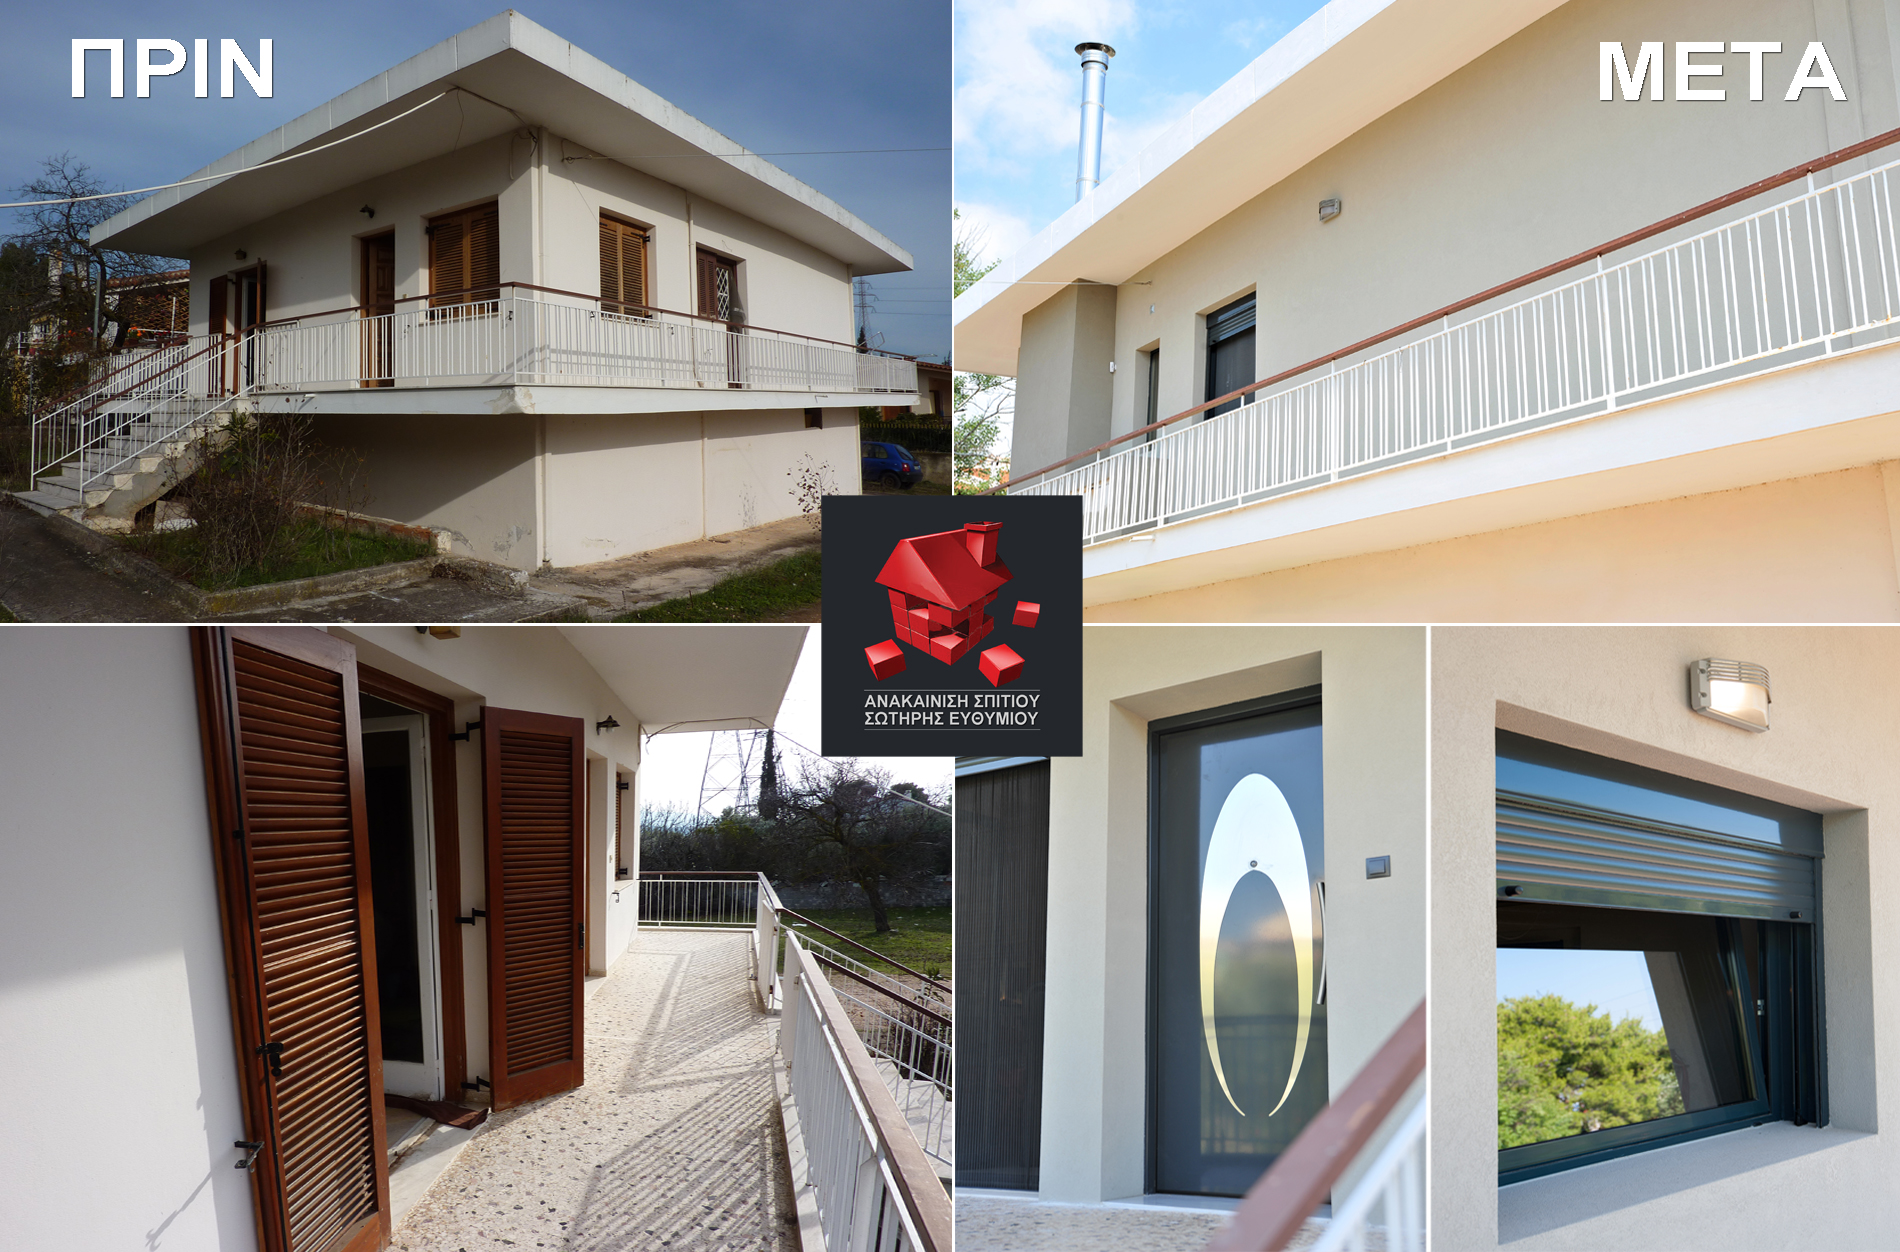 Εξωτερική ανακαίνιση σπιτιού πριν και μετα 01